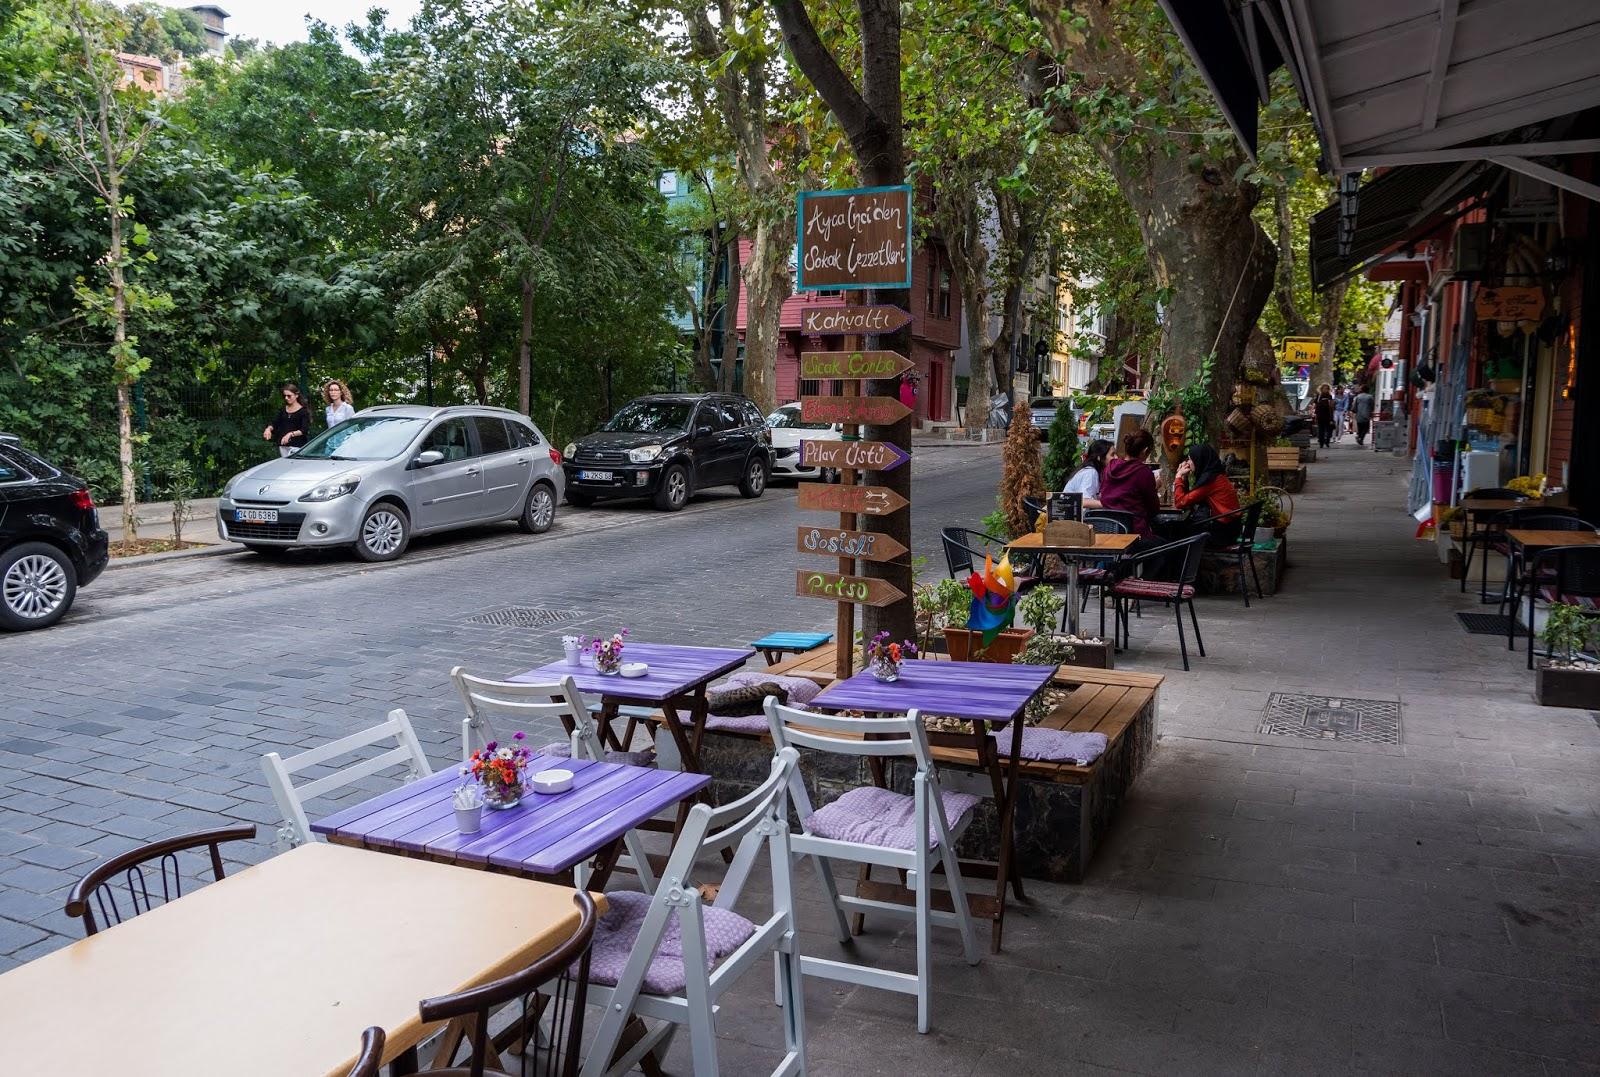 Cafe culture in Kuzguncuk, Istanbul